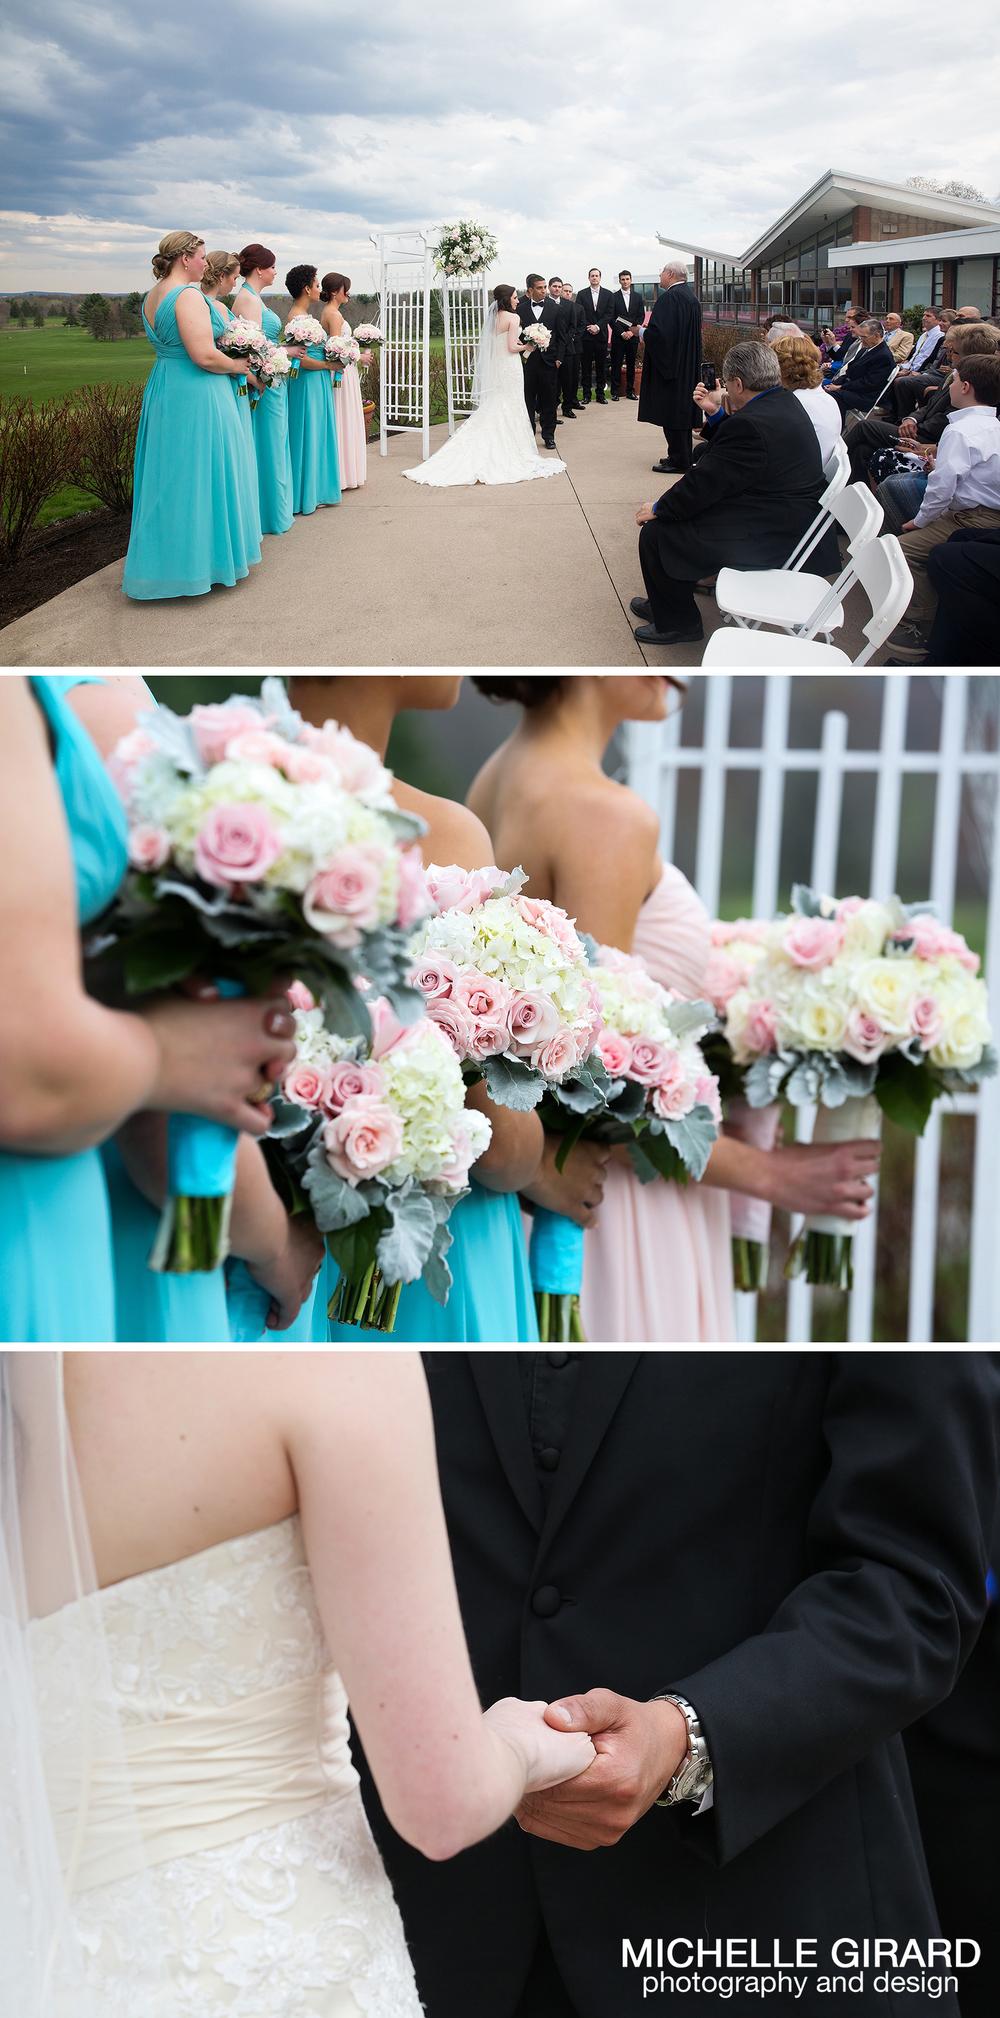 SpringWedding_CrestviewCountryClub_MichelleGirardPhotography07.jpg